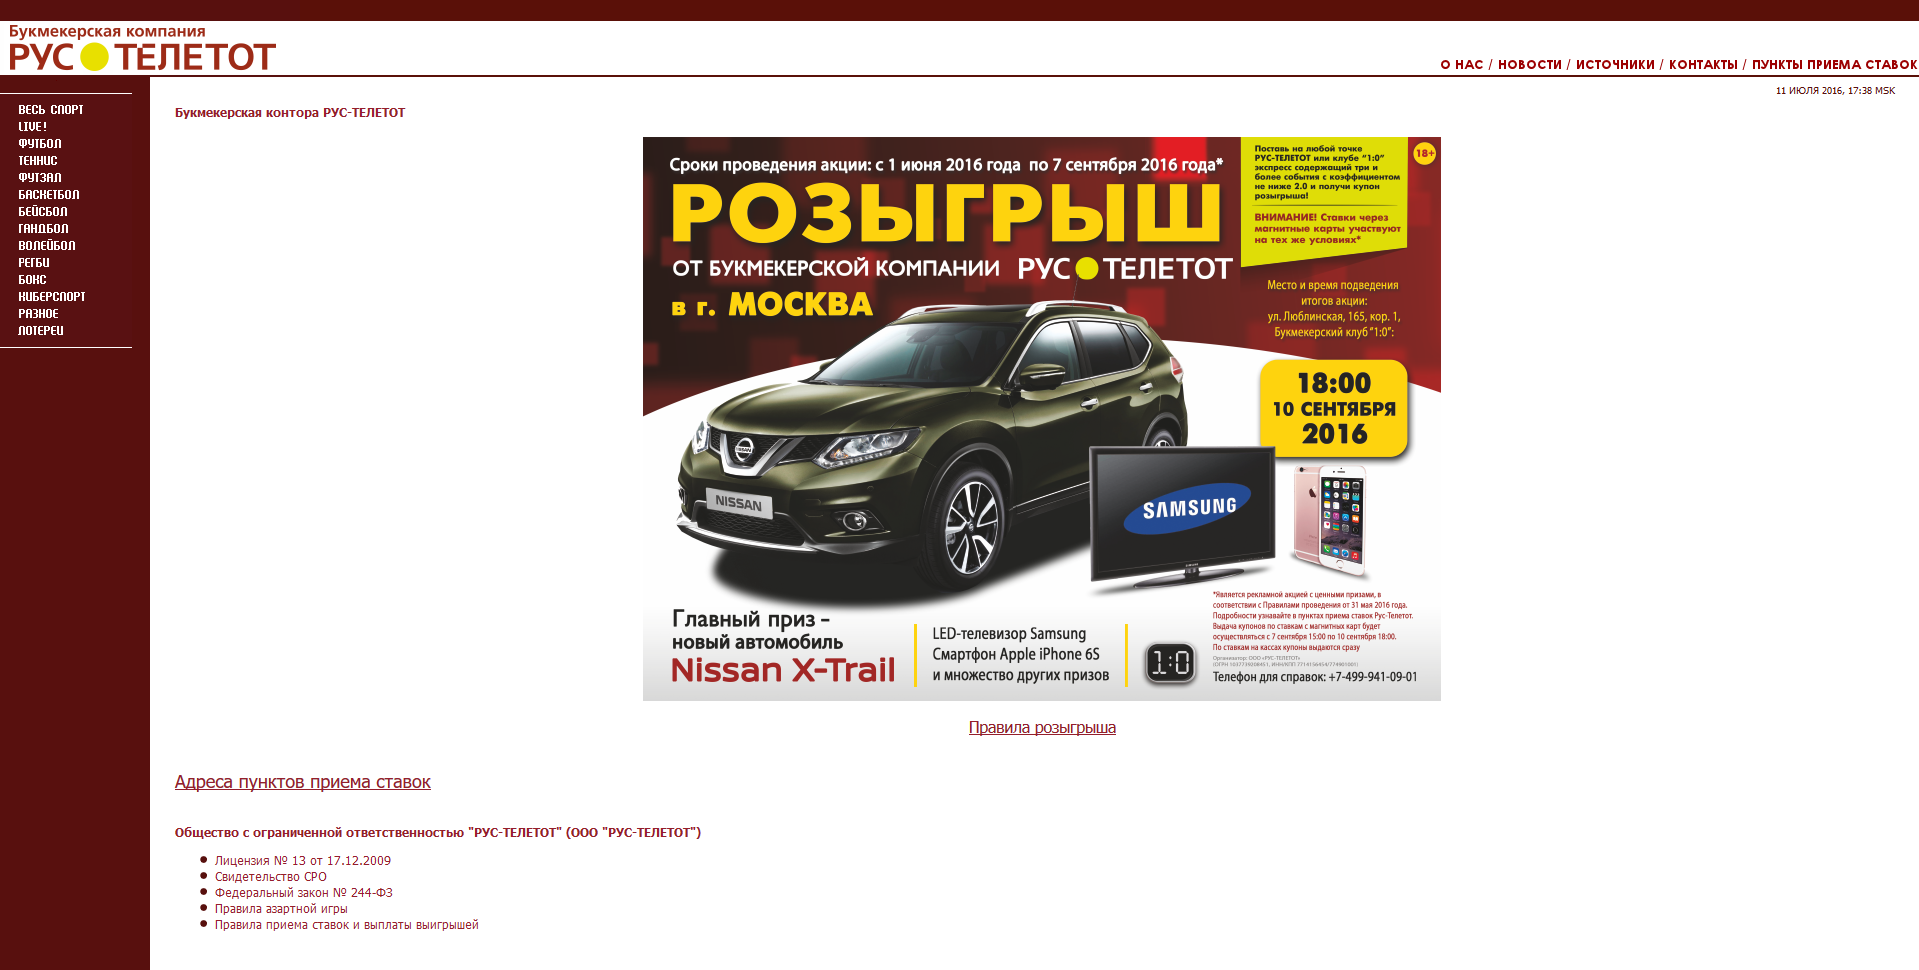 Рустелетот сайт